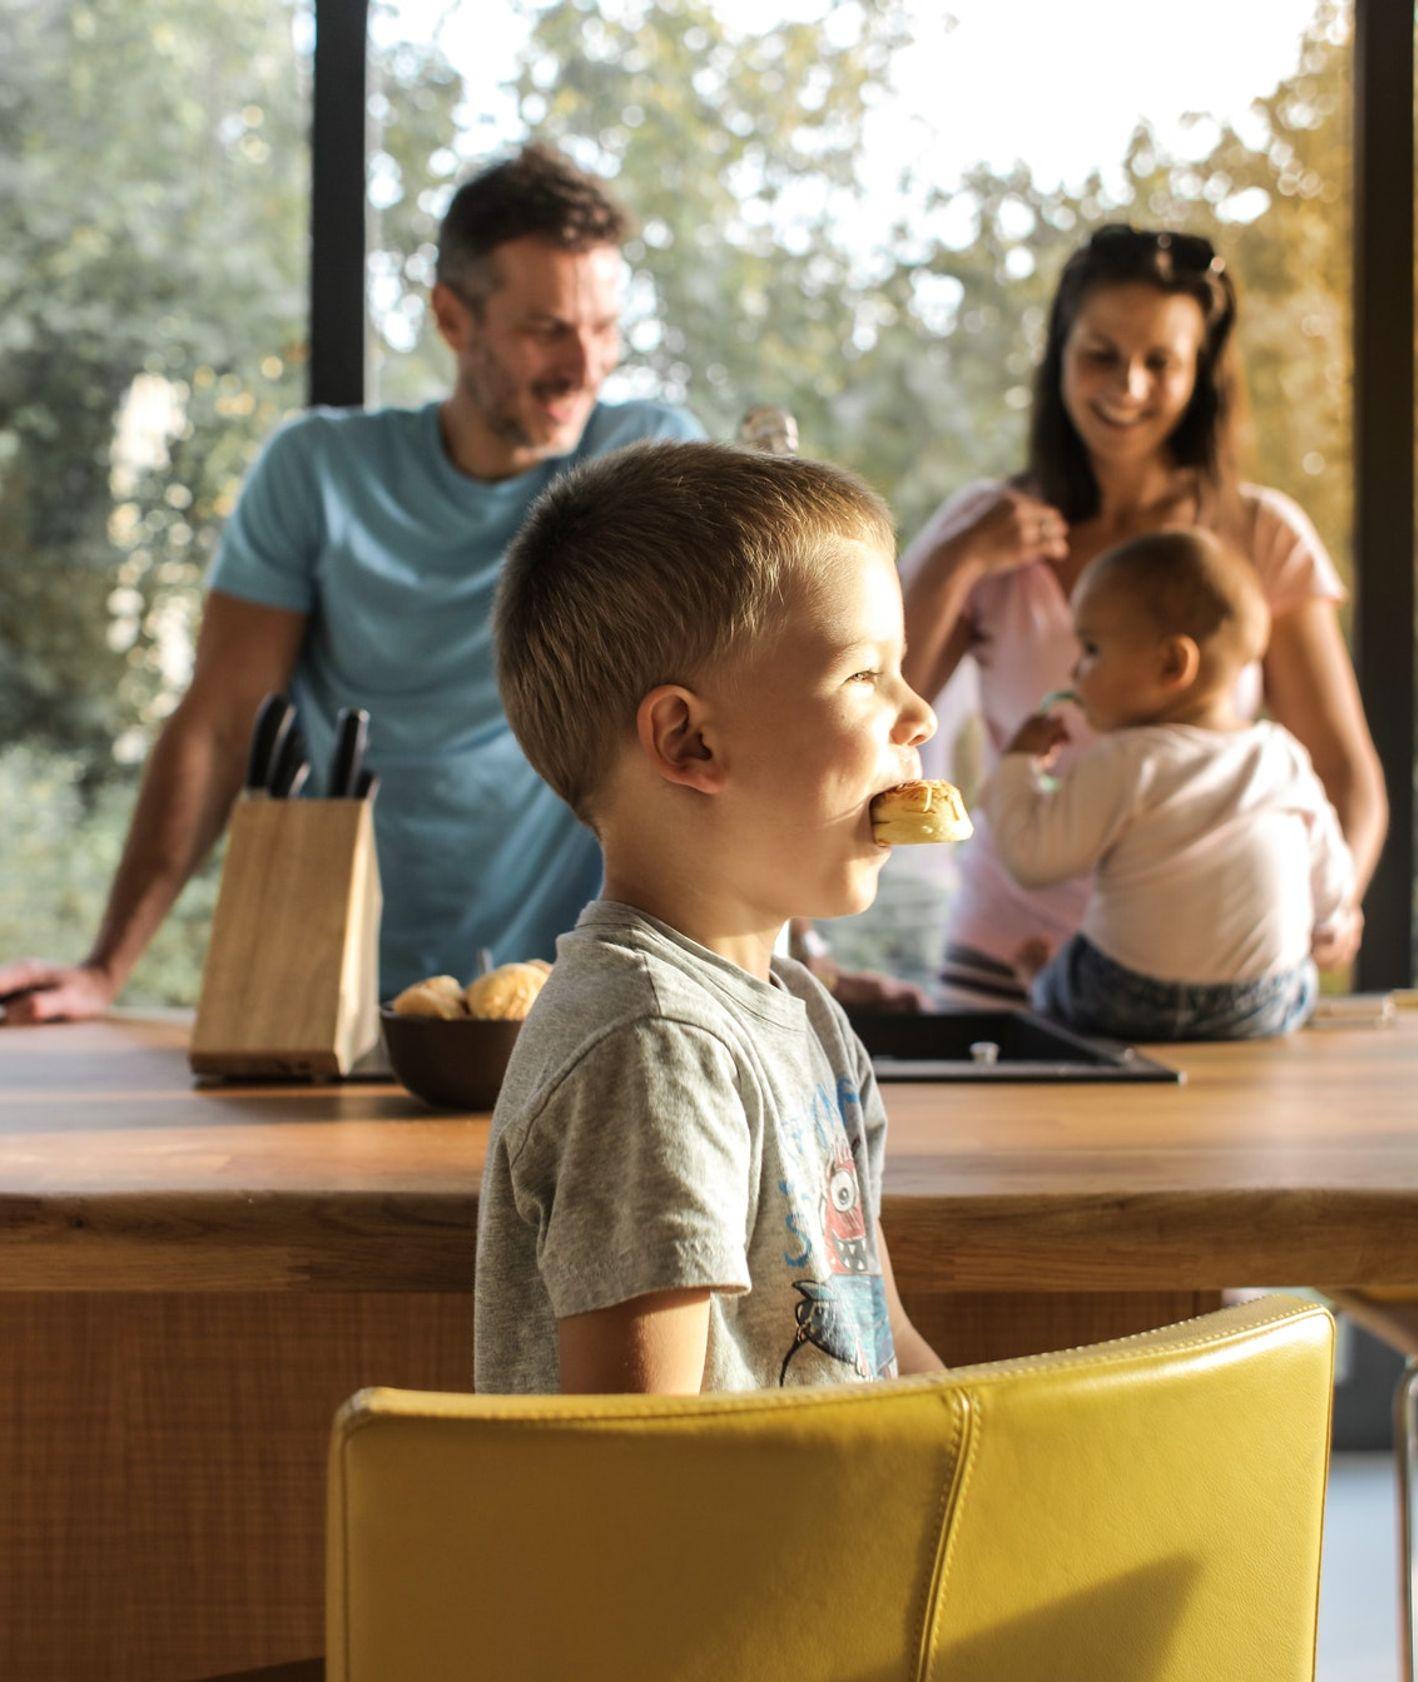 Dzieci jedzą słodycze z rodzicami w kuchni (fot. Cottonbro / pexels.com)